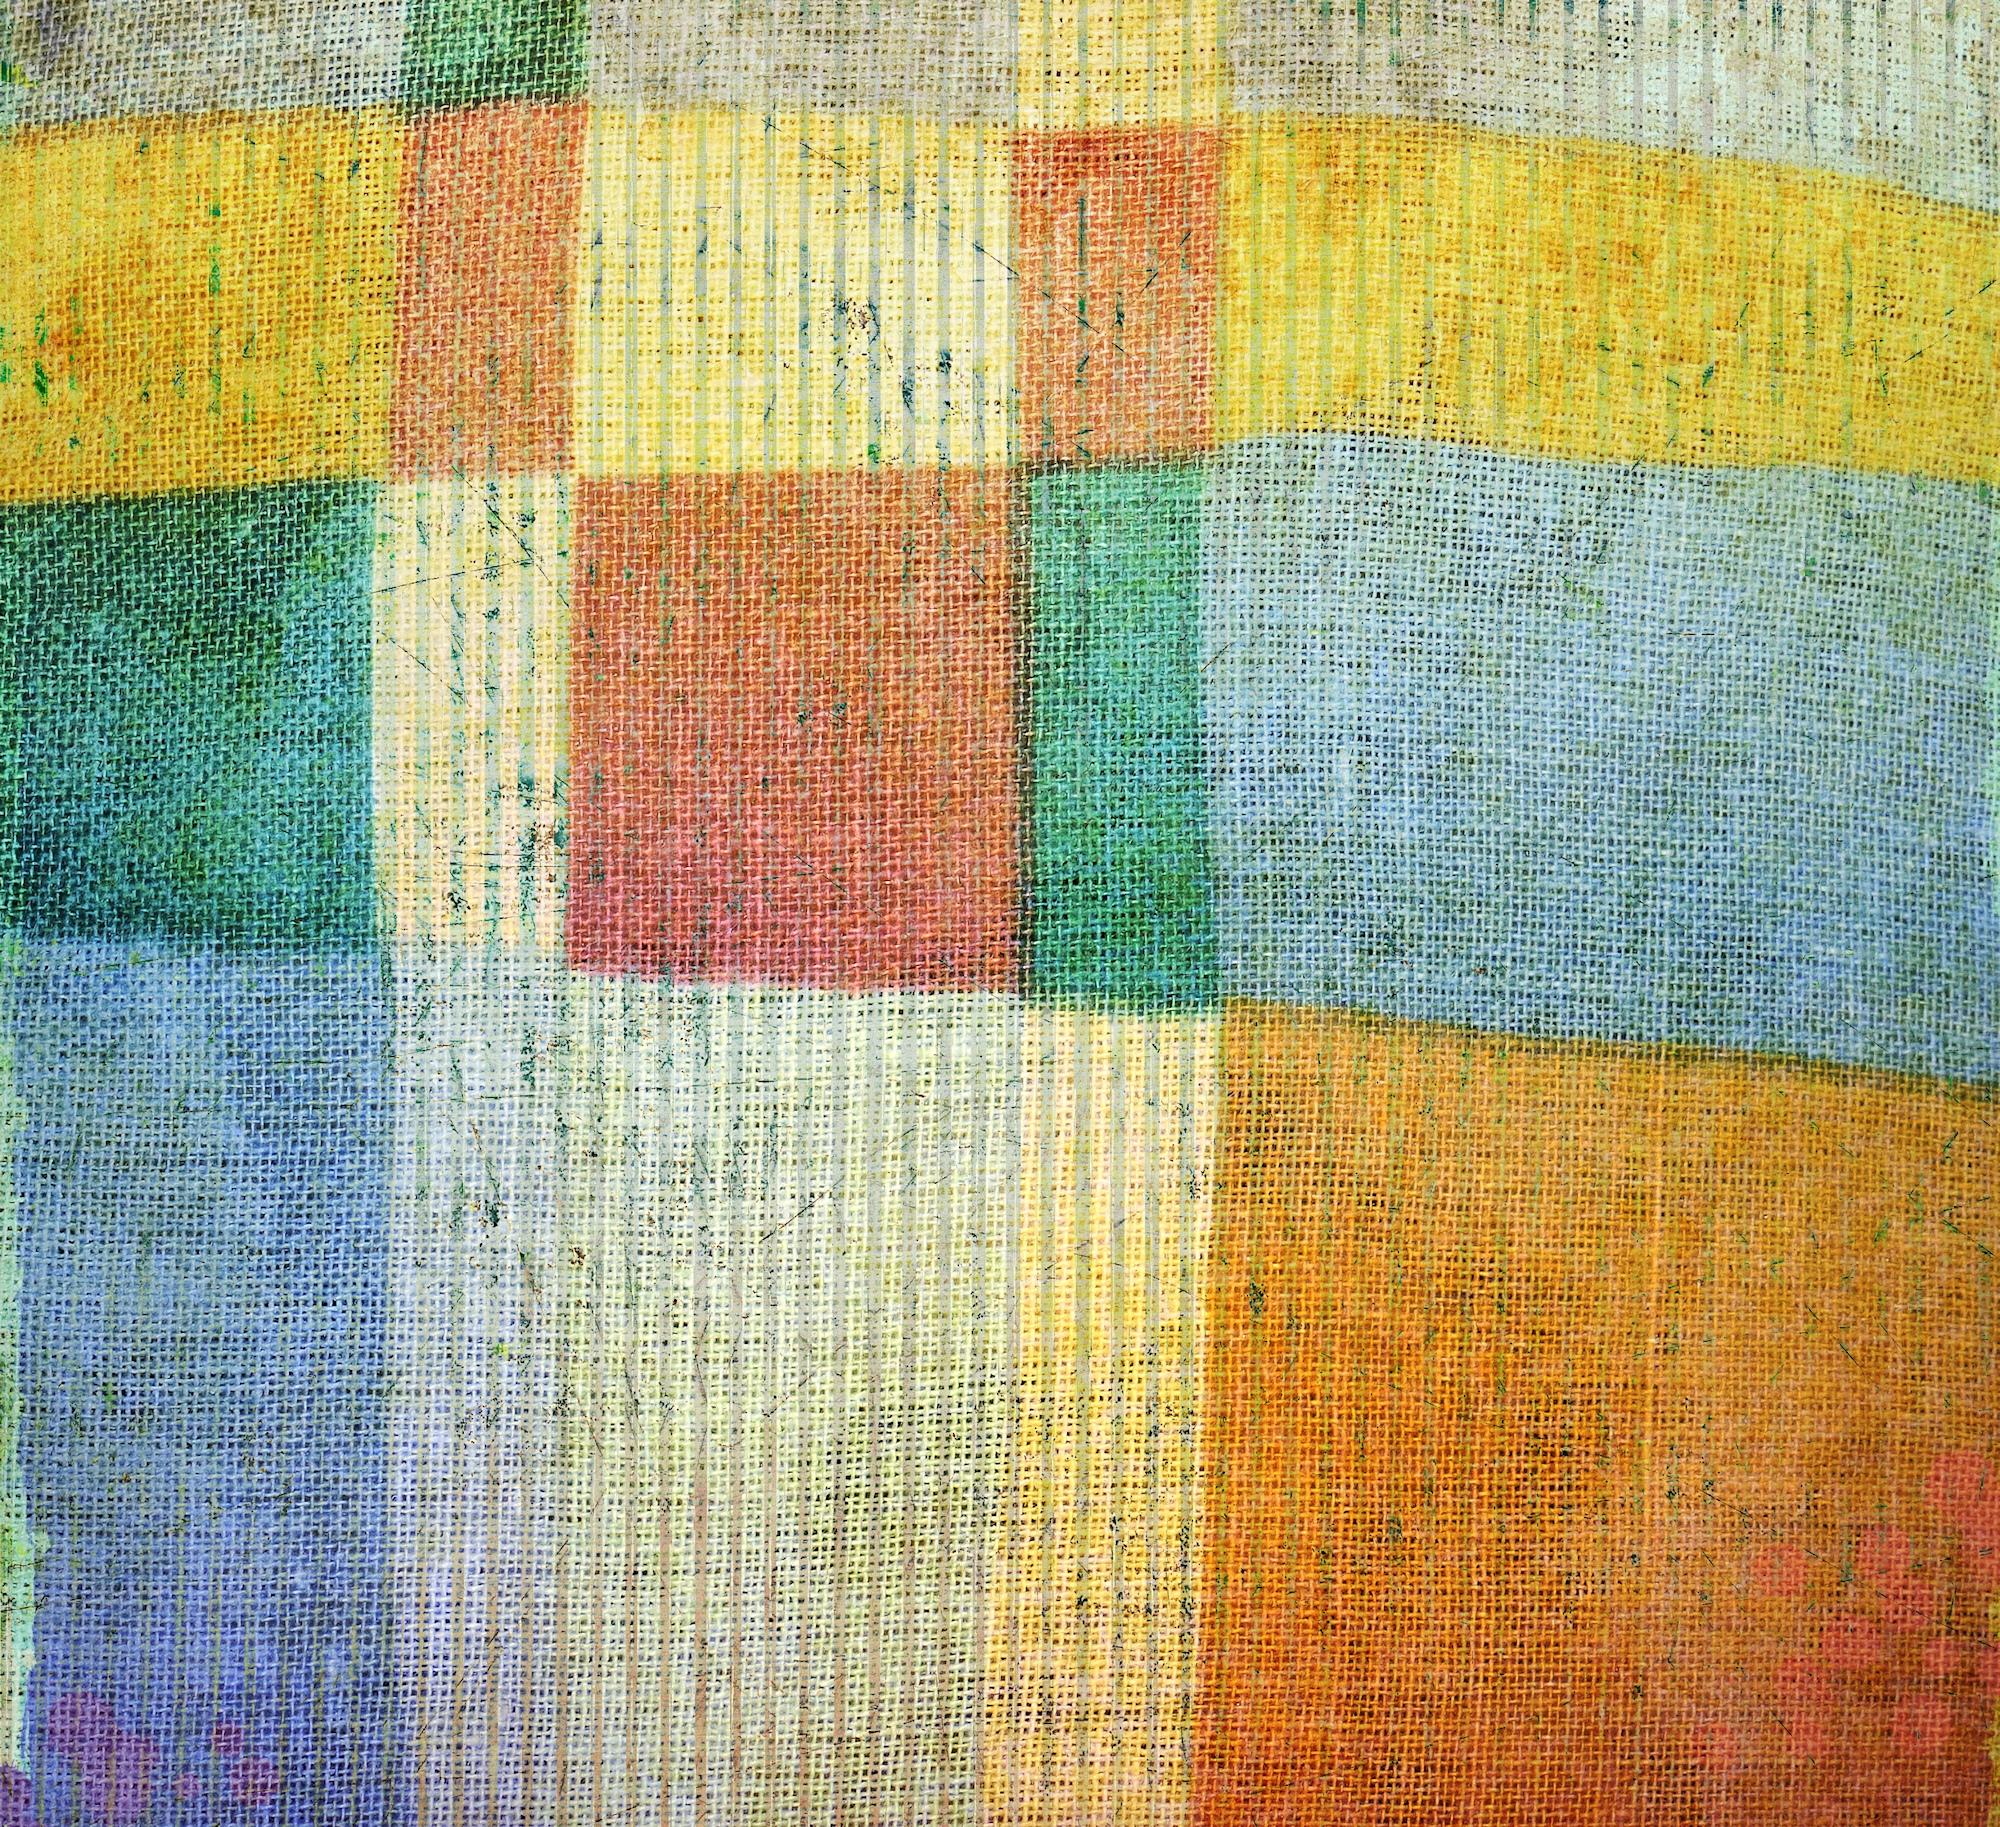 Vintage Fabric By The Yard Ballard Designs